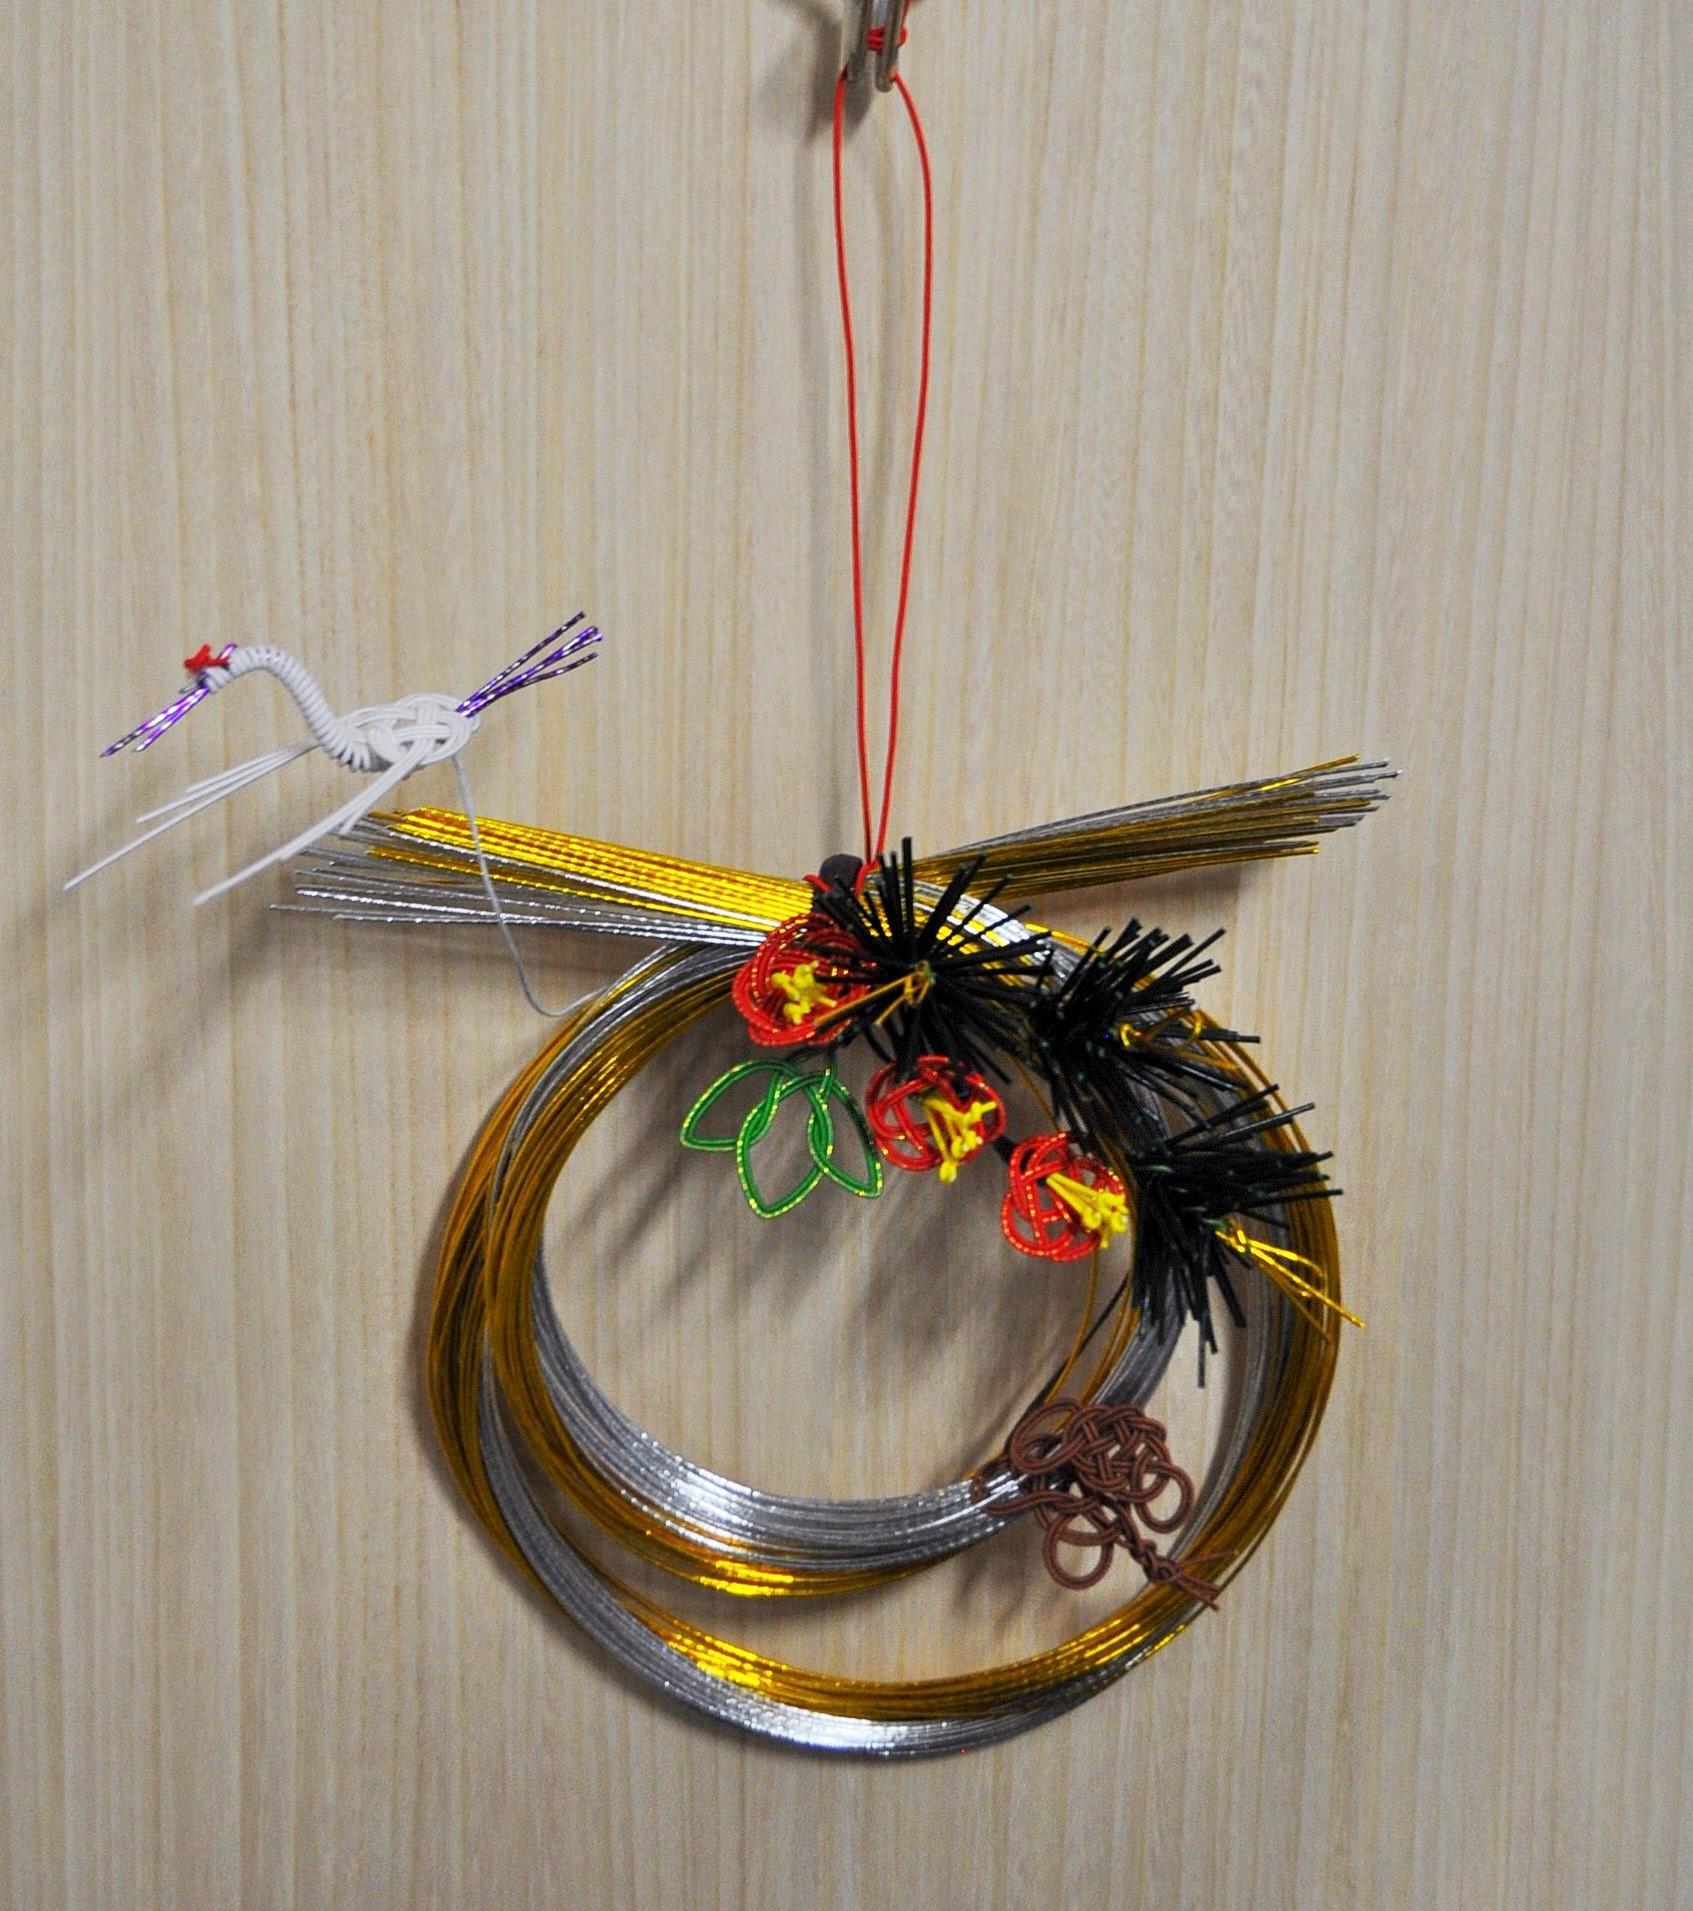 子ども向けワークショップ(12月) 水引細工で正月飾りをつくろう